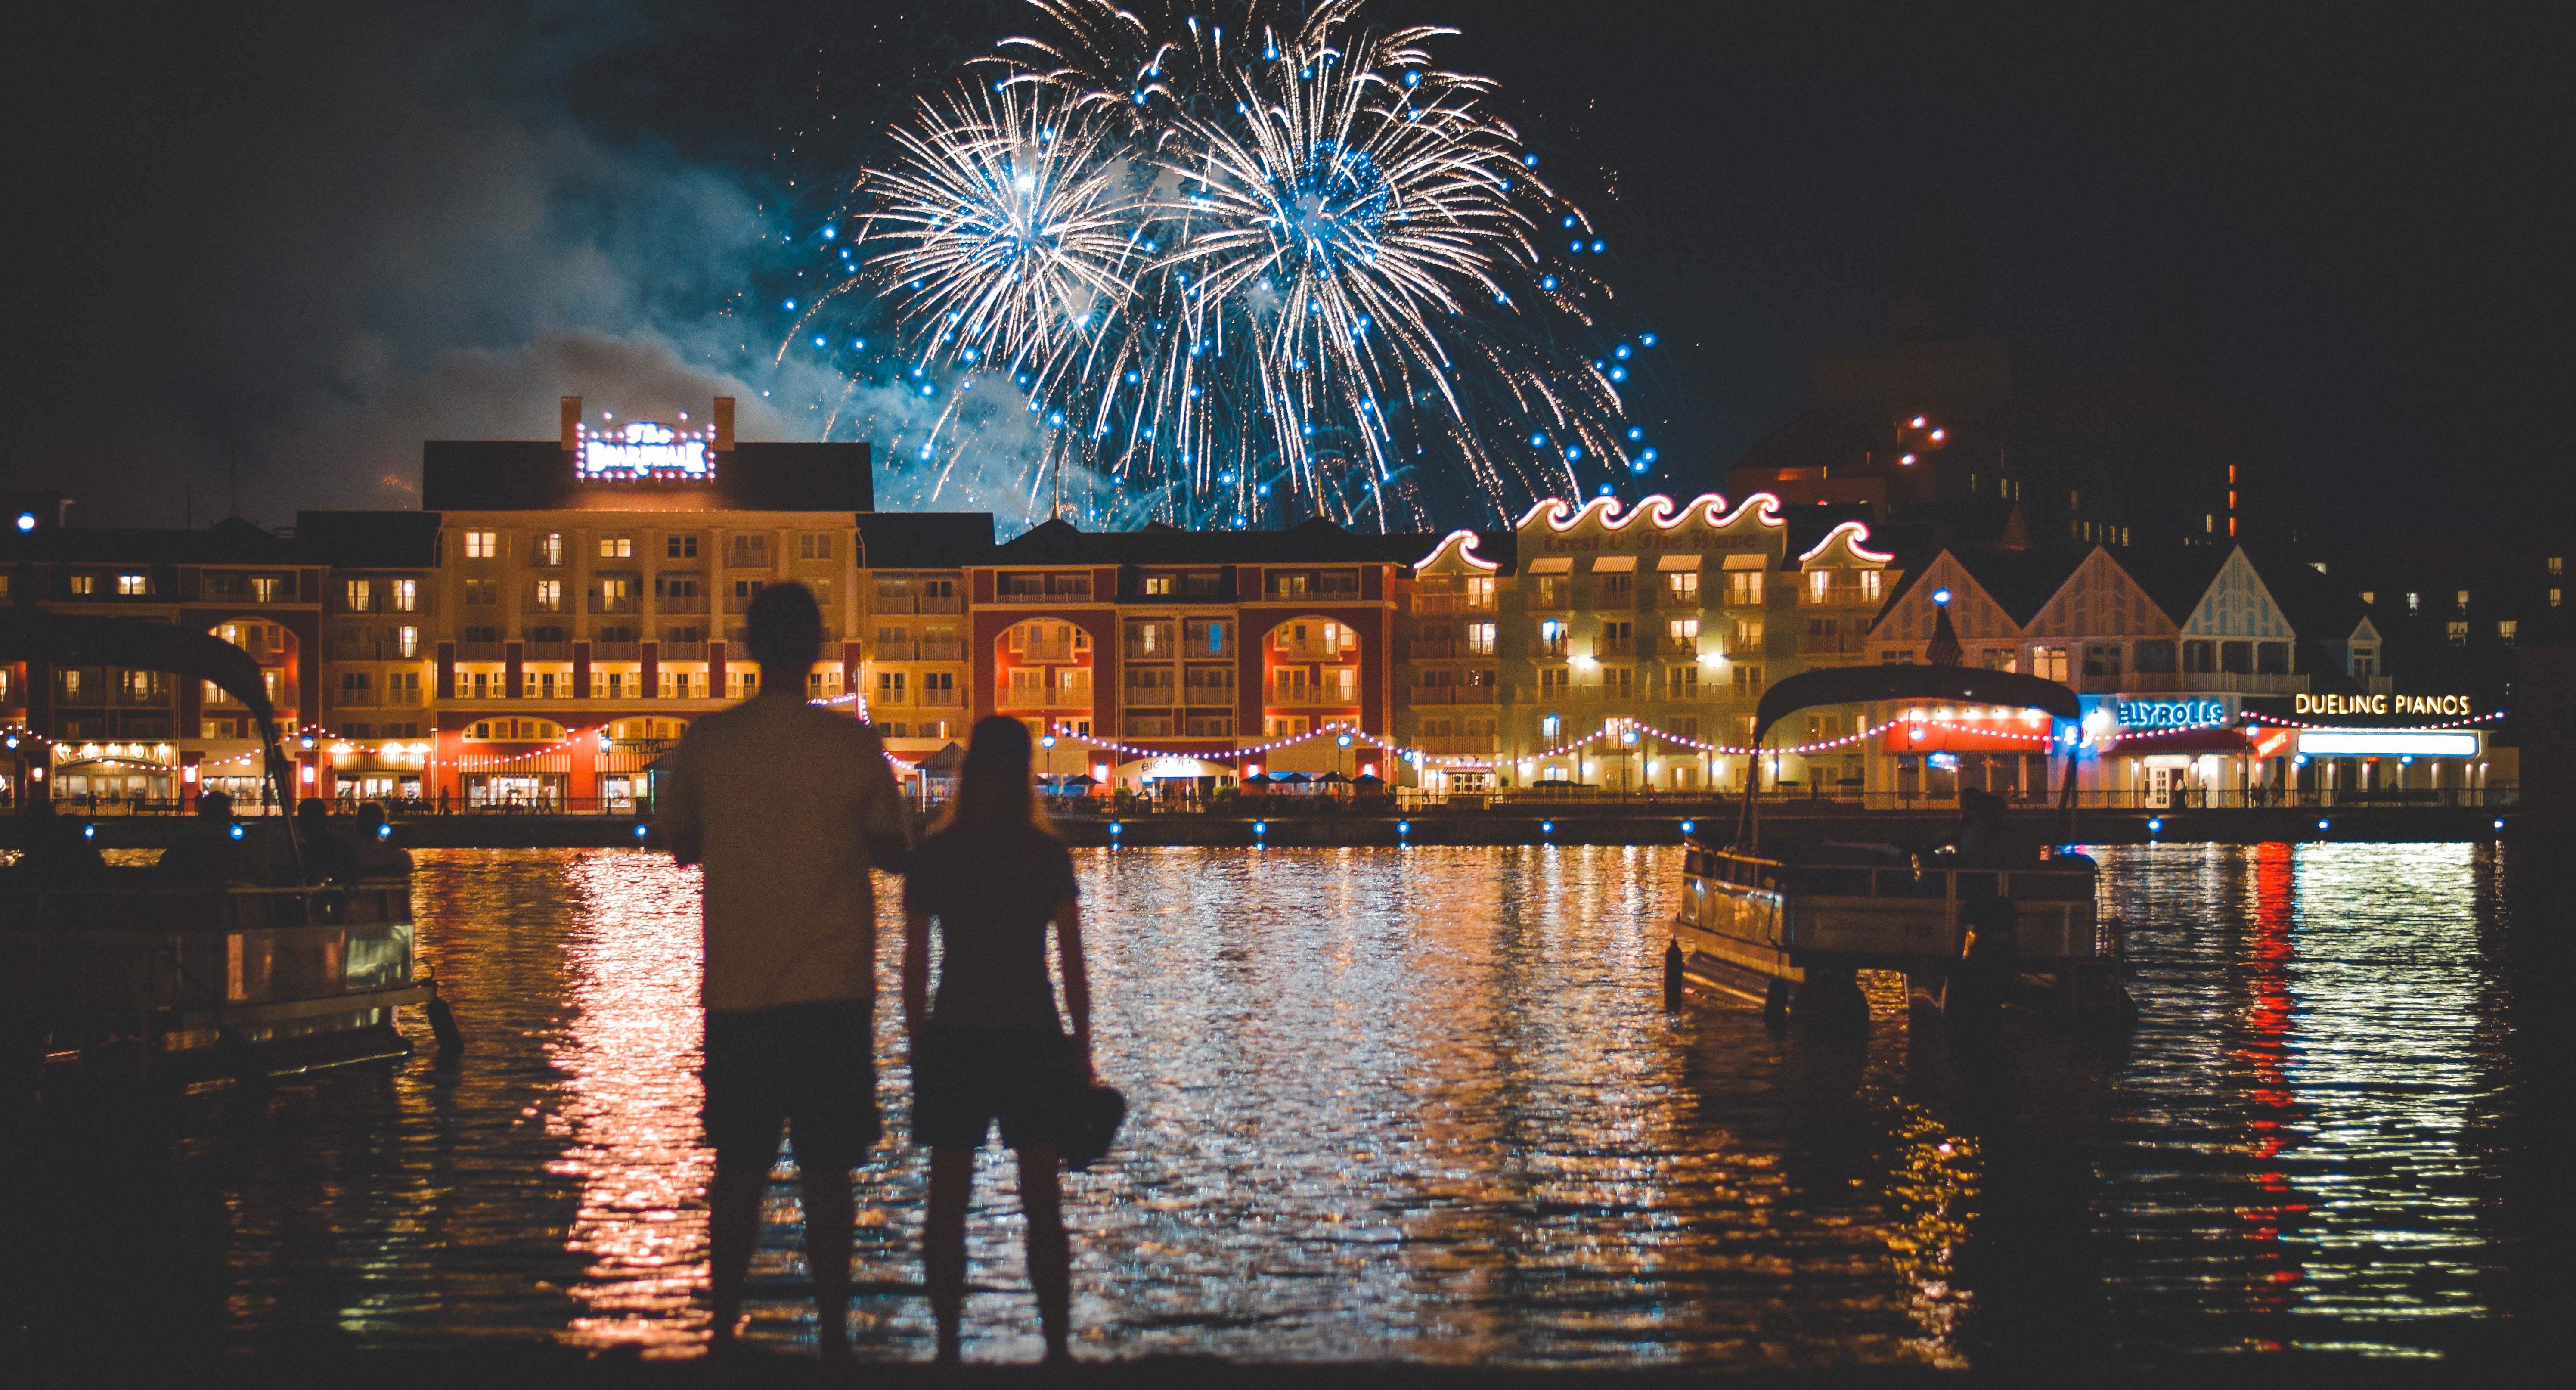 Show de fogos sobre o Disney's BoardWalk, em Orlando